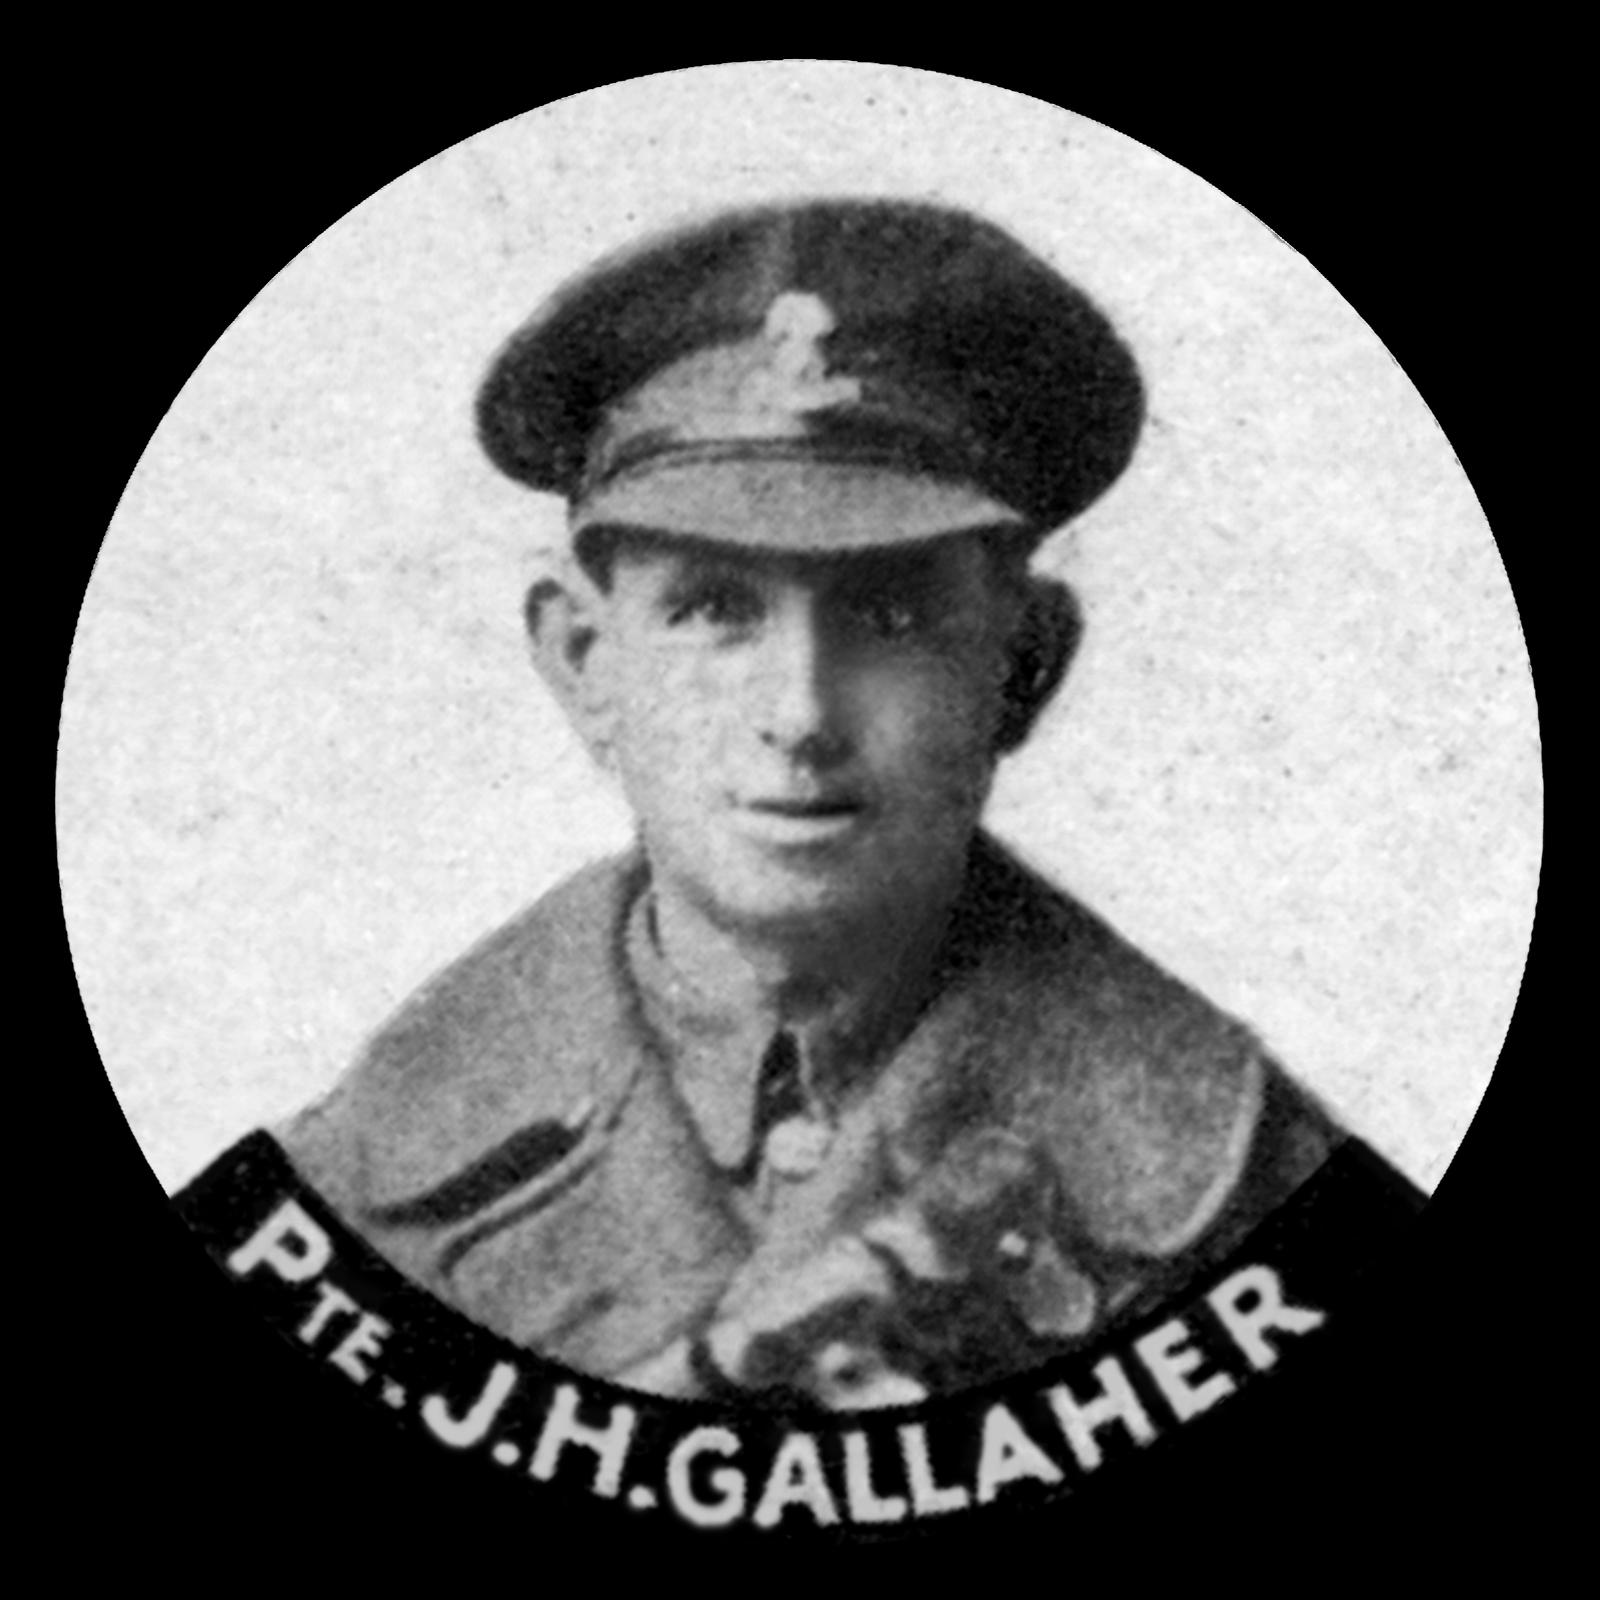 GALLAHER John Henry